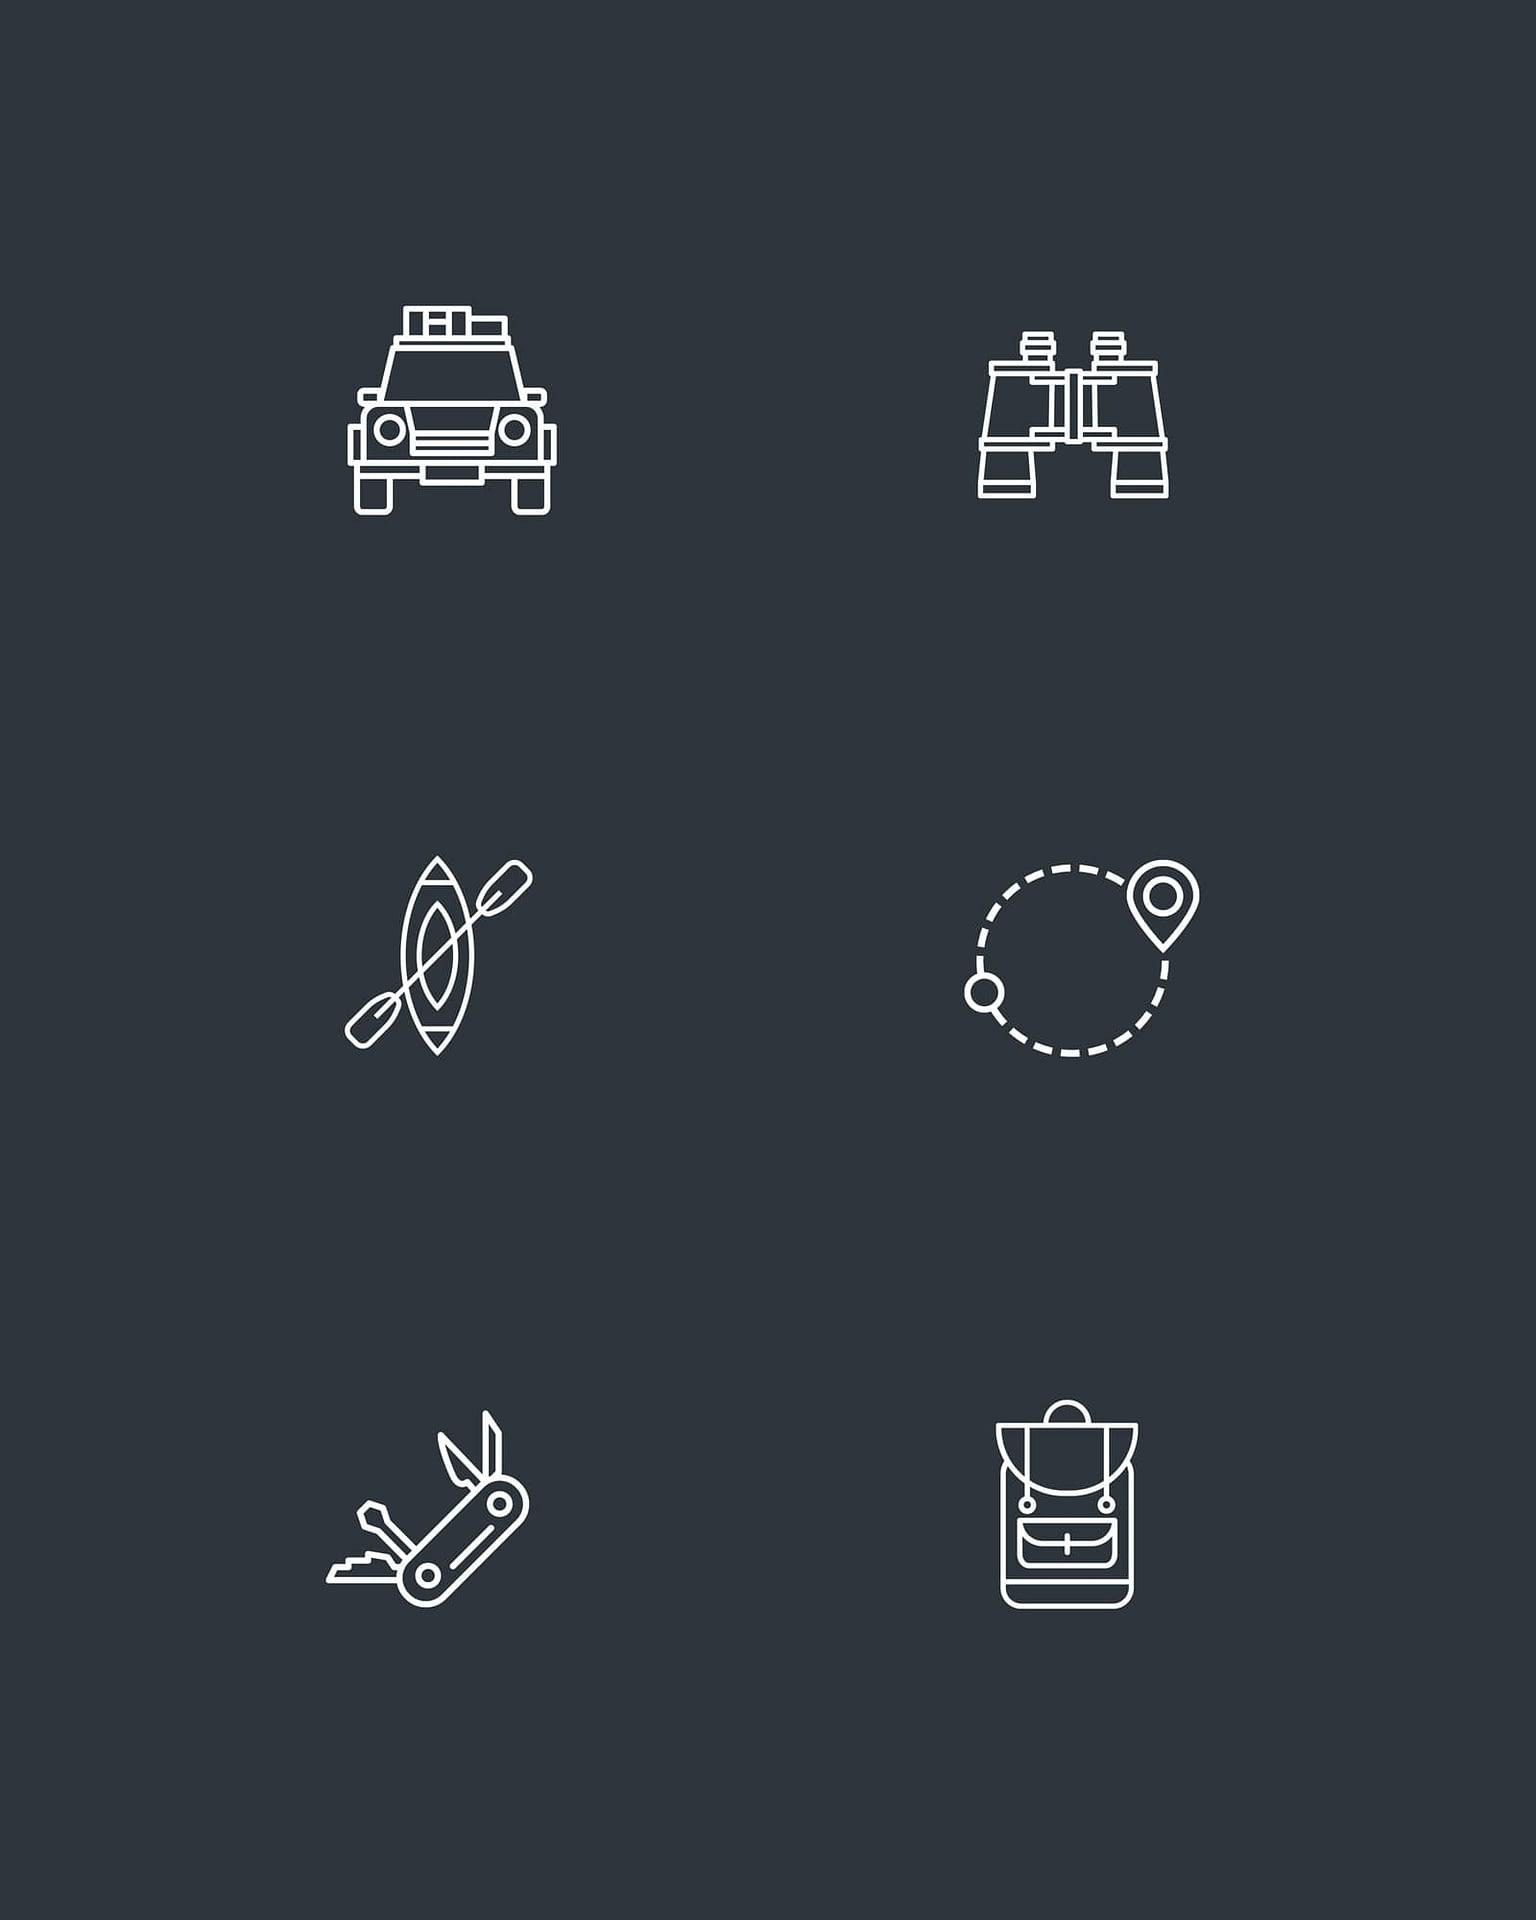 grafikdesign icon für offthepath